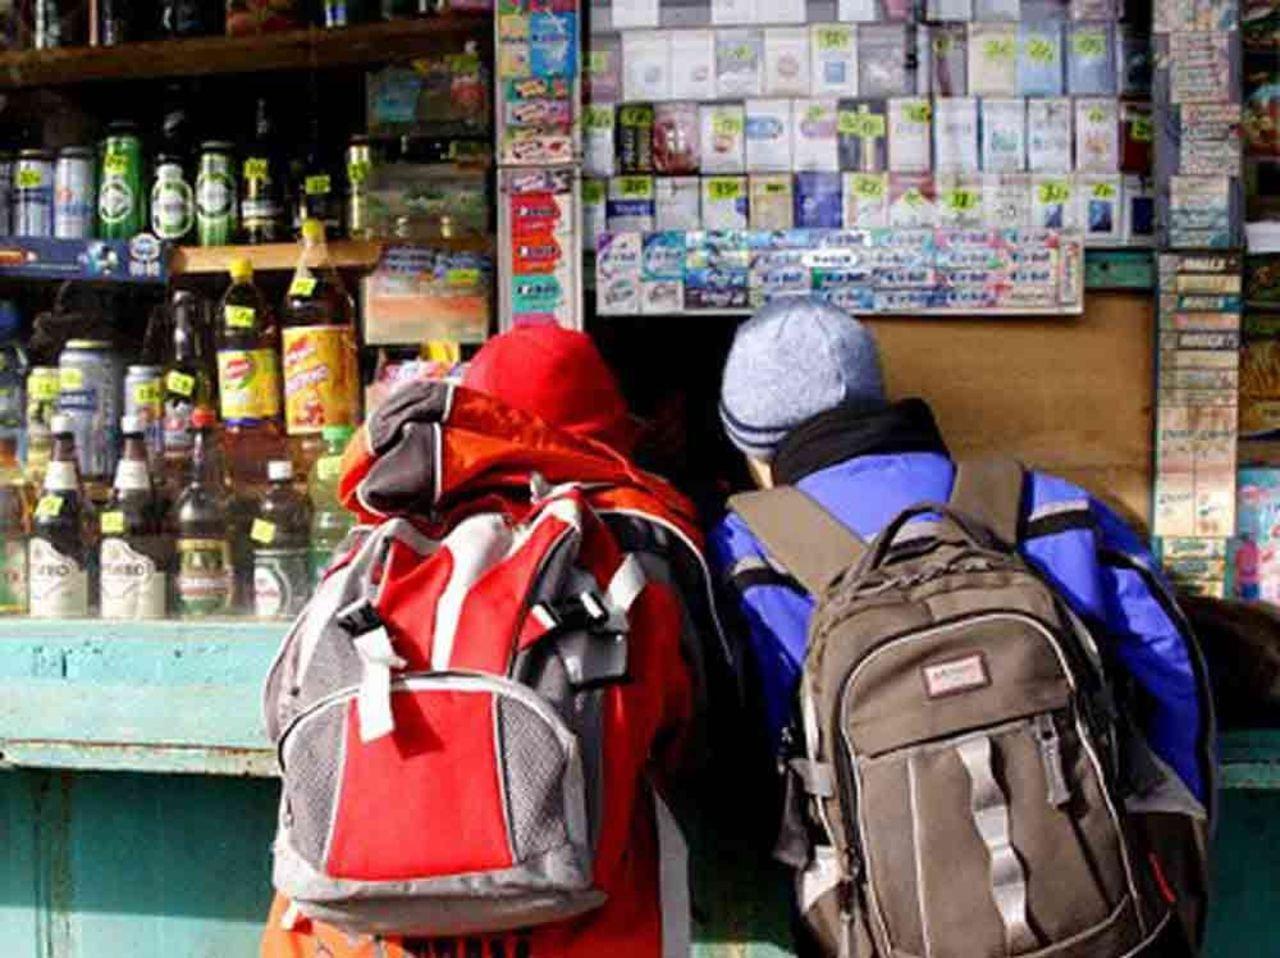 Тихвинская продавщица «заработала» уголовное дело напиве для подростка